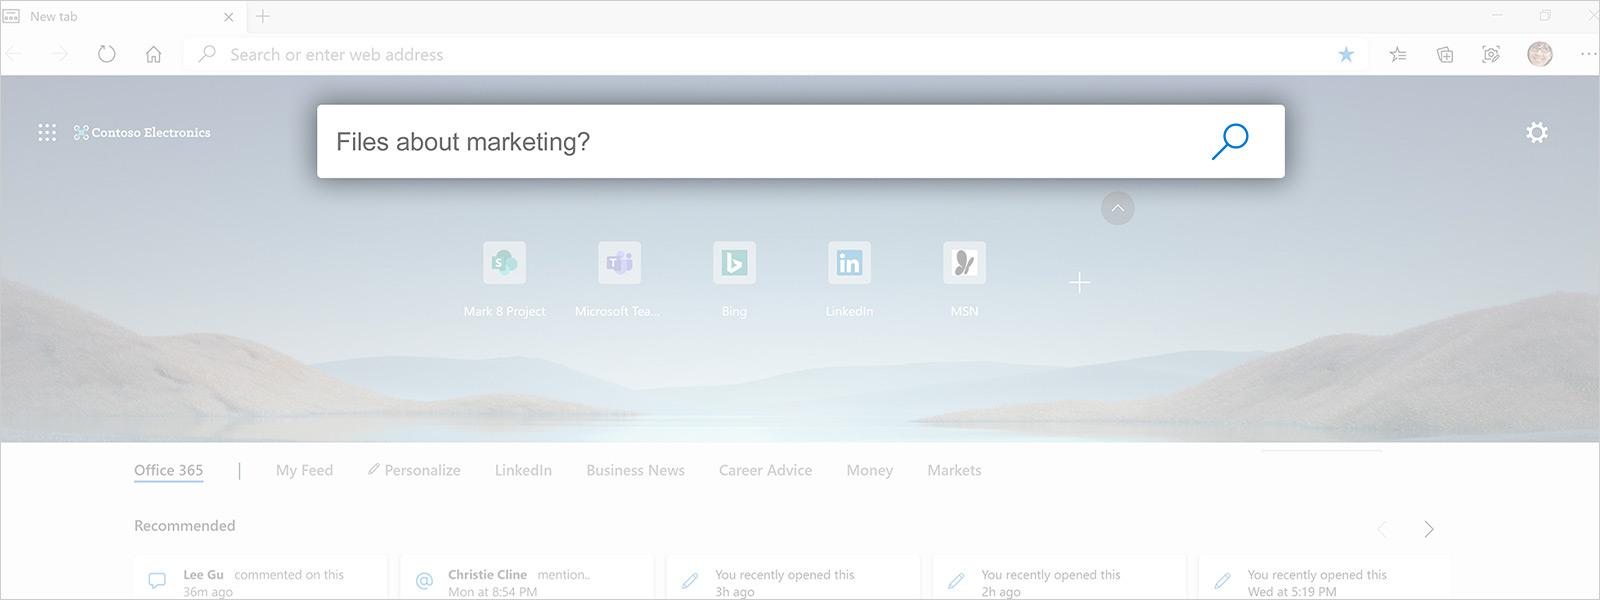 Captura de ecrã de uma página do browser Edge a apresentar resultados de uma pesquisa profissional